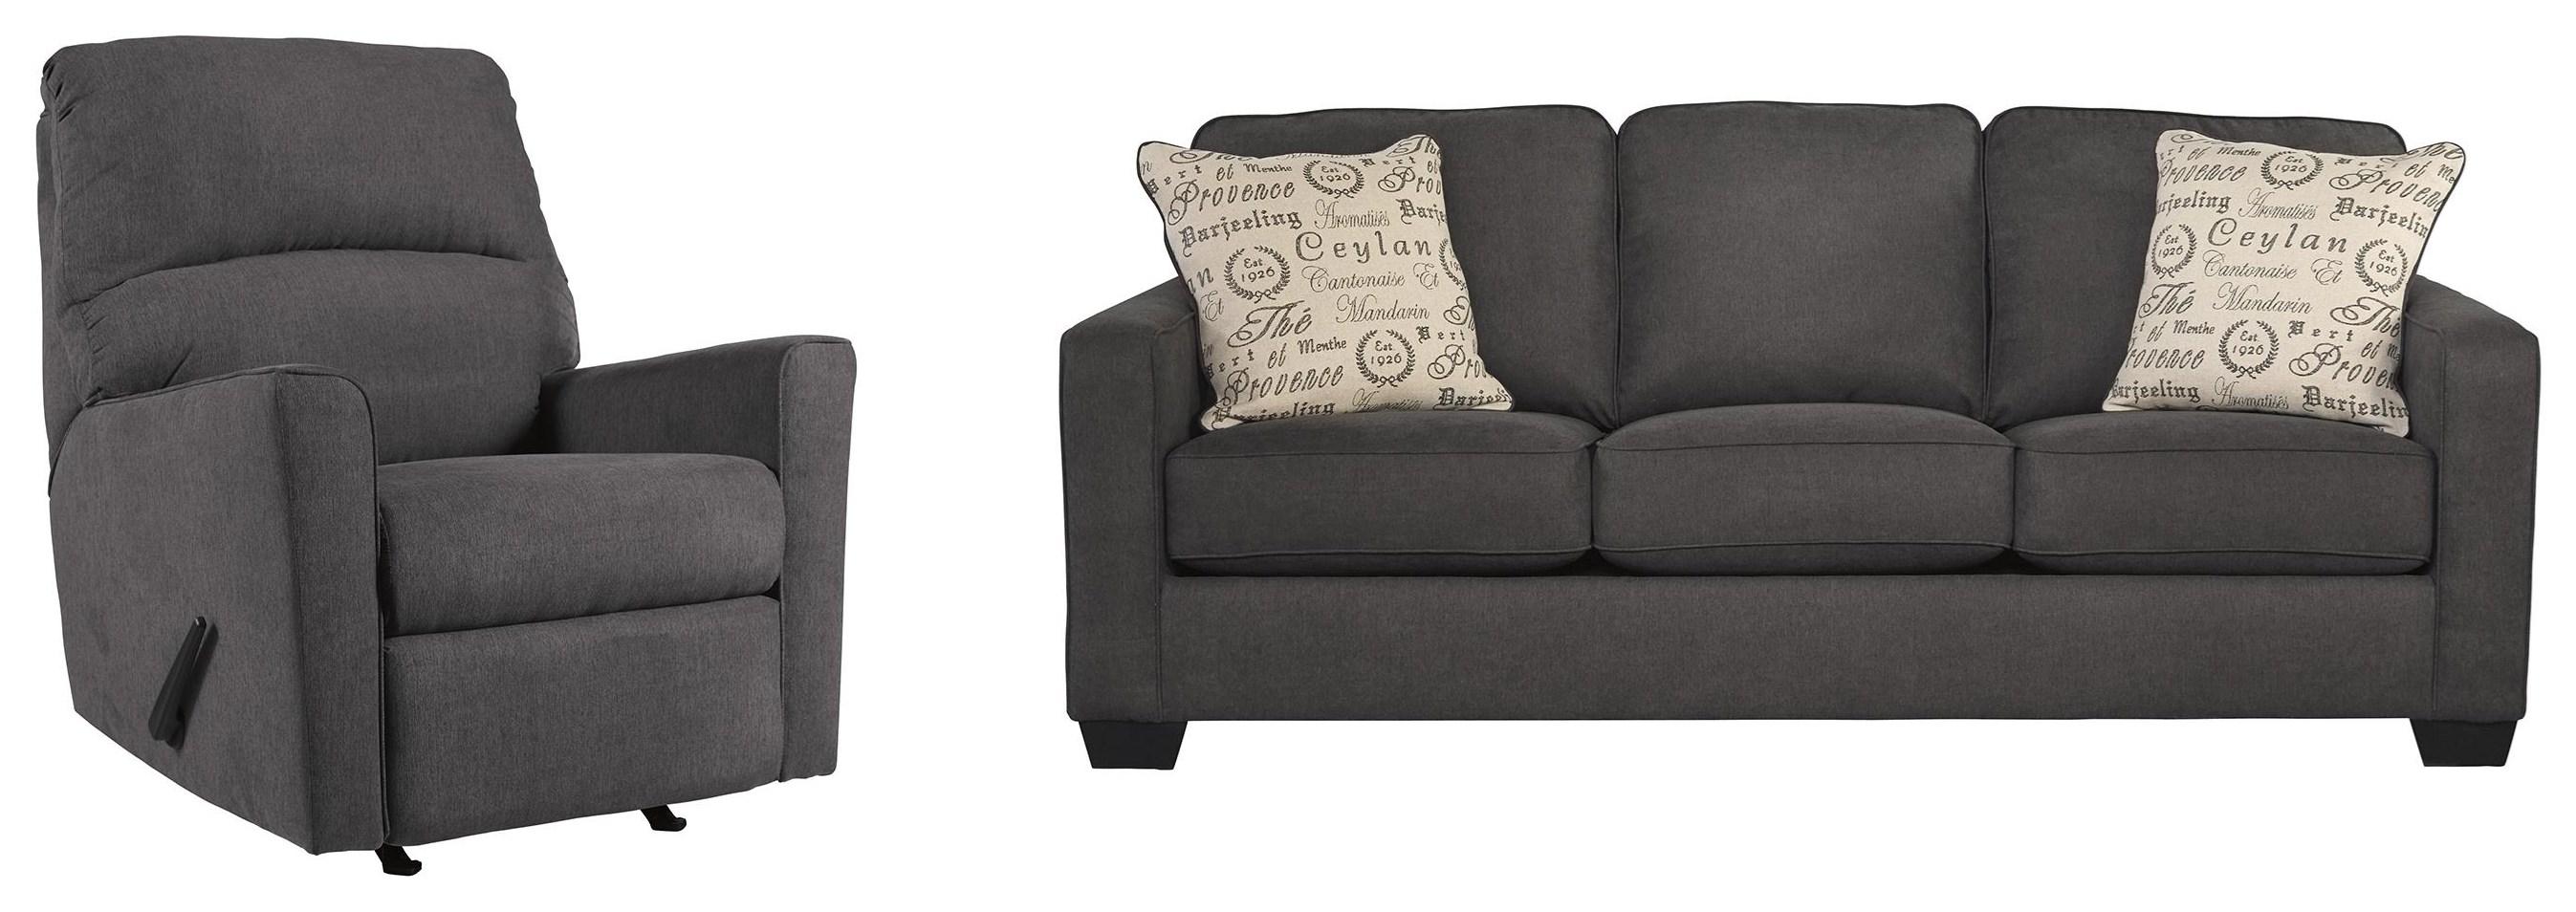 Sofa and Recliner Set